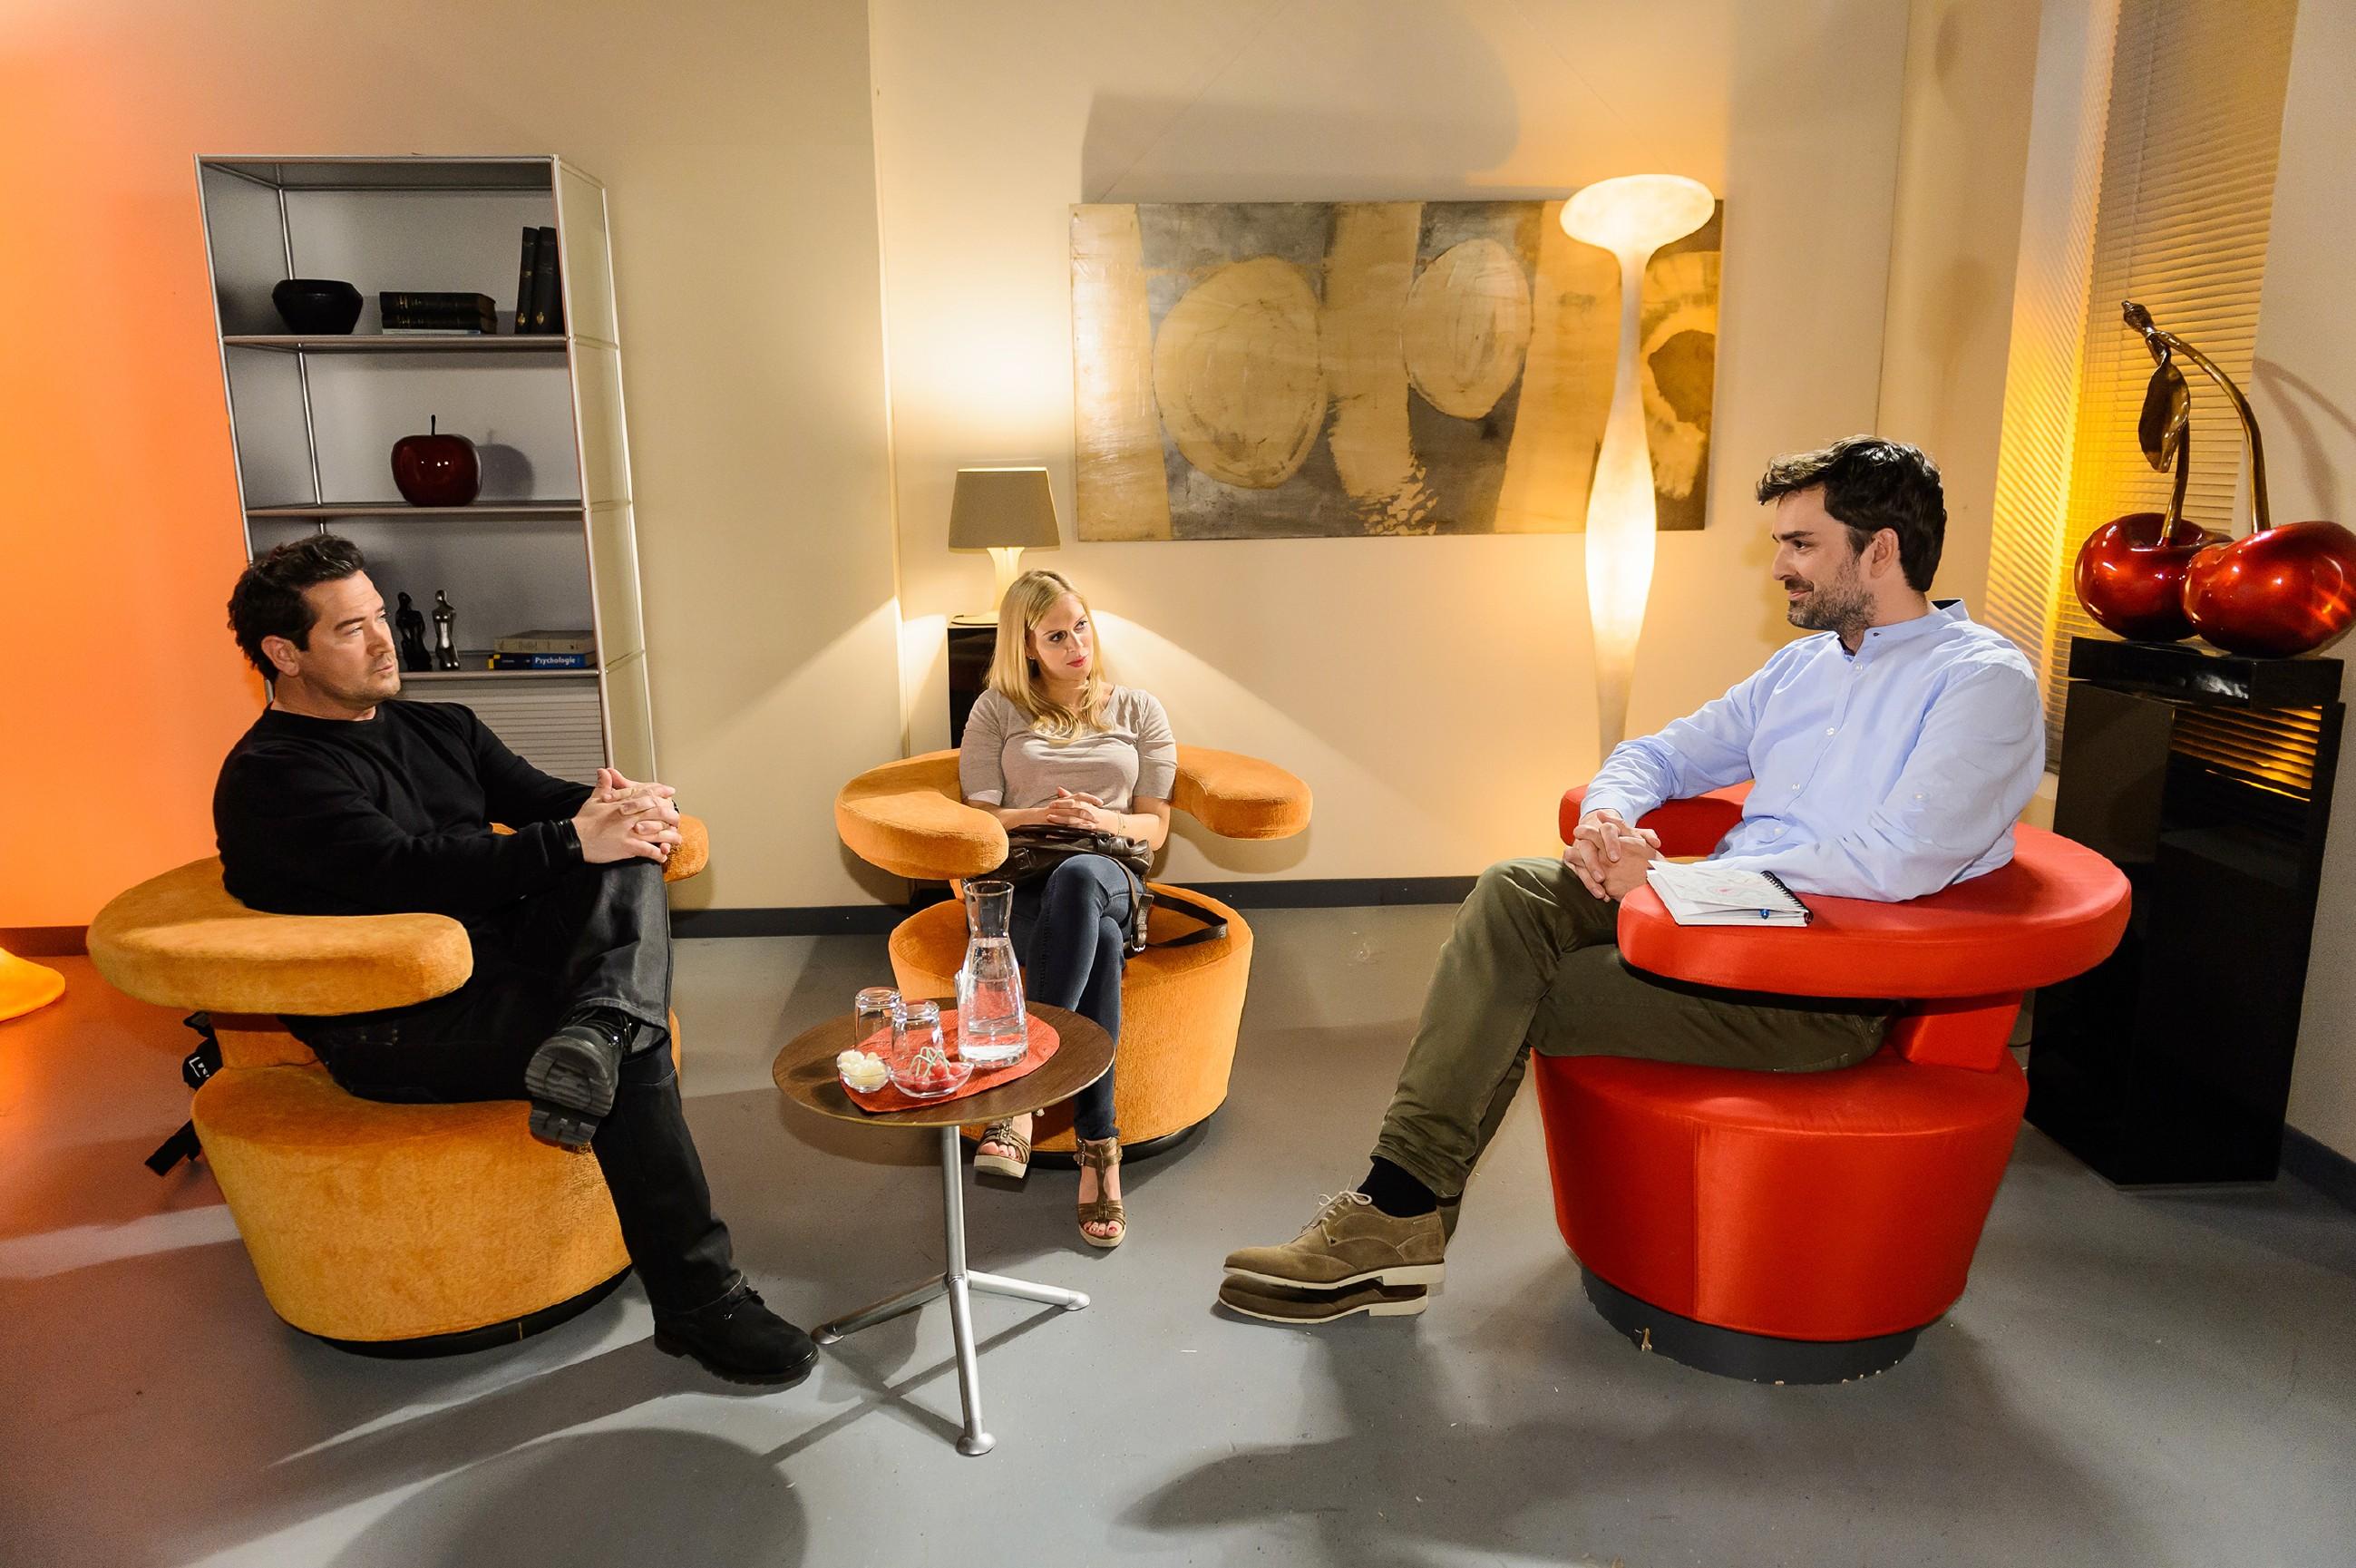 Marian (Sam Eisenstein, l.) ist voller Hoffnung, die Beziehung mit Lena (Juliette Greco) mit der Paartherapie zu retten, hat jedoch nicht mit den bohrenden Fragen des Therapeuten Lukas Czerny (Tilman Meyn) gerechnet. (Quelle: RTL / Willi Weber)